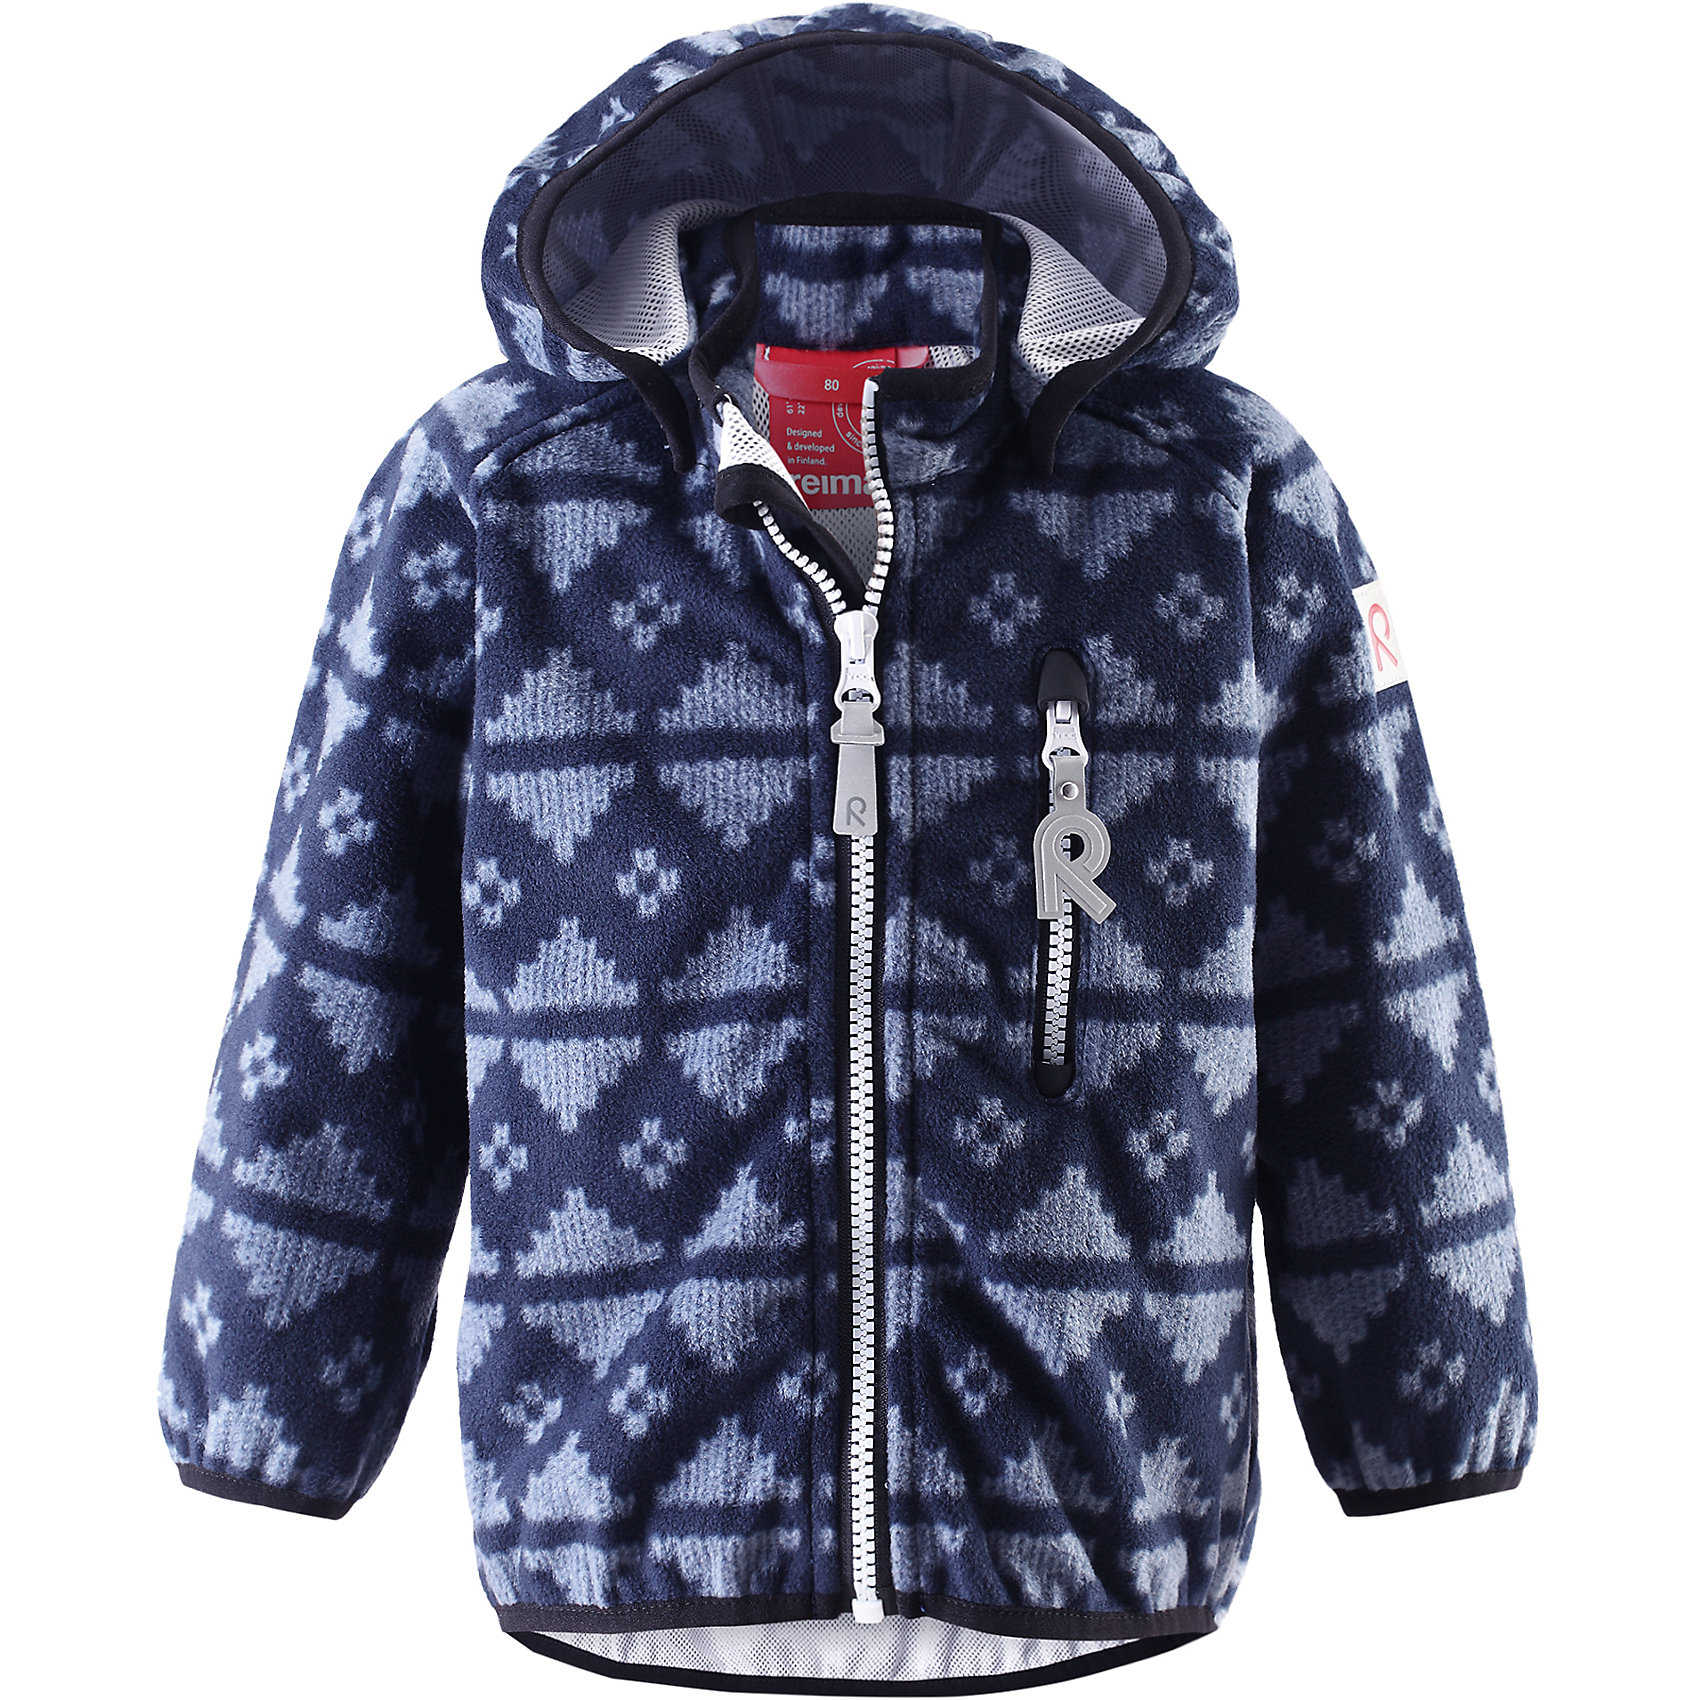 Куртка Aie ReimaКуртка  Reima<br>Куртка из материала softshell для малышей. Из ветронепроницаемого материала, но изделие «дышит». Безопасный, съемный капюшон. Эластичная резинка на кромке капюшона, манжетах и подоле. Нагрудный карман на молнии. Принт по всей поверхности.<br>Уход:<br>Стирать по отдельности. Застегнуть молнии и липучки. Стирать моющим средством, не содержащим отбеливающие вещества. Полоскать без специального средства. Во избежание изменения цвета изделие необходимо вынуть из стиральной машинки незамедлительно после окончания программы стирки. Сушить при низкой температуре.<br>Состав:<br>100% Полиэстер, полиуретановая мембрана<br><br>Ширина мм: 356<br>Глубина мм: 10<br>Высота мм: 245<br>Вес г: 519<br>Цвет: синий<br>Возраст от месяцев: 12<br>Возраст до месяцев: 18<br>Пол: Унисекс<br>Возраст: Детский<br>Размер: 86,92,98,80<br>SKU: 4776046